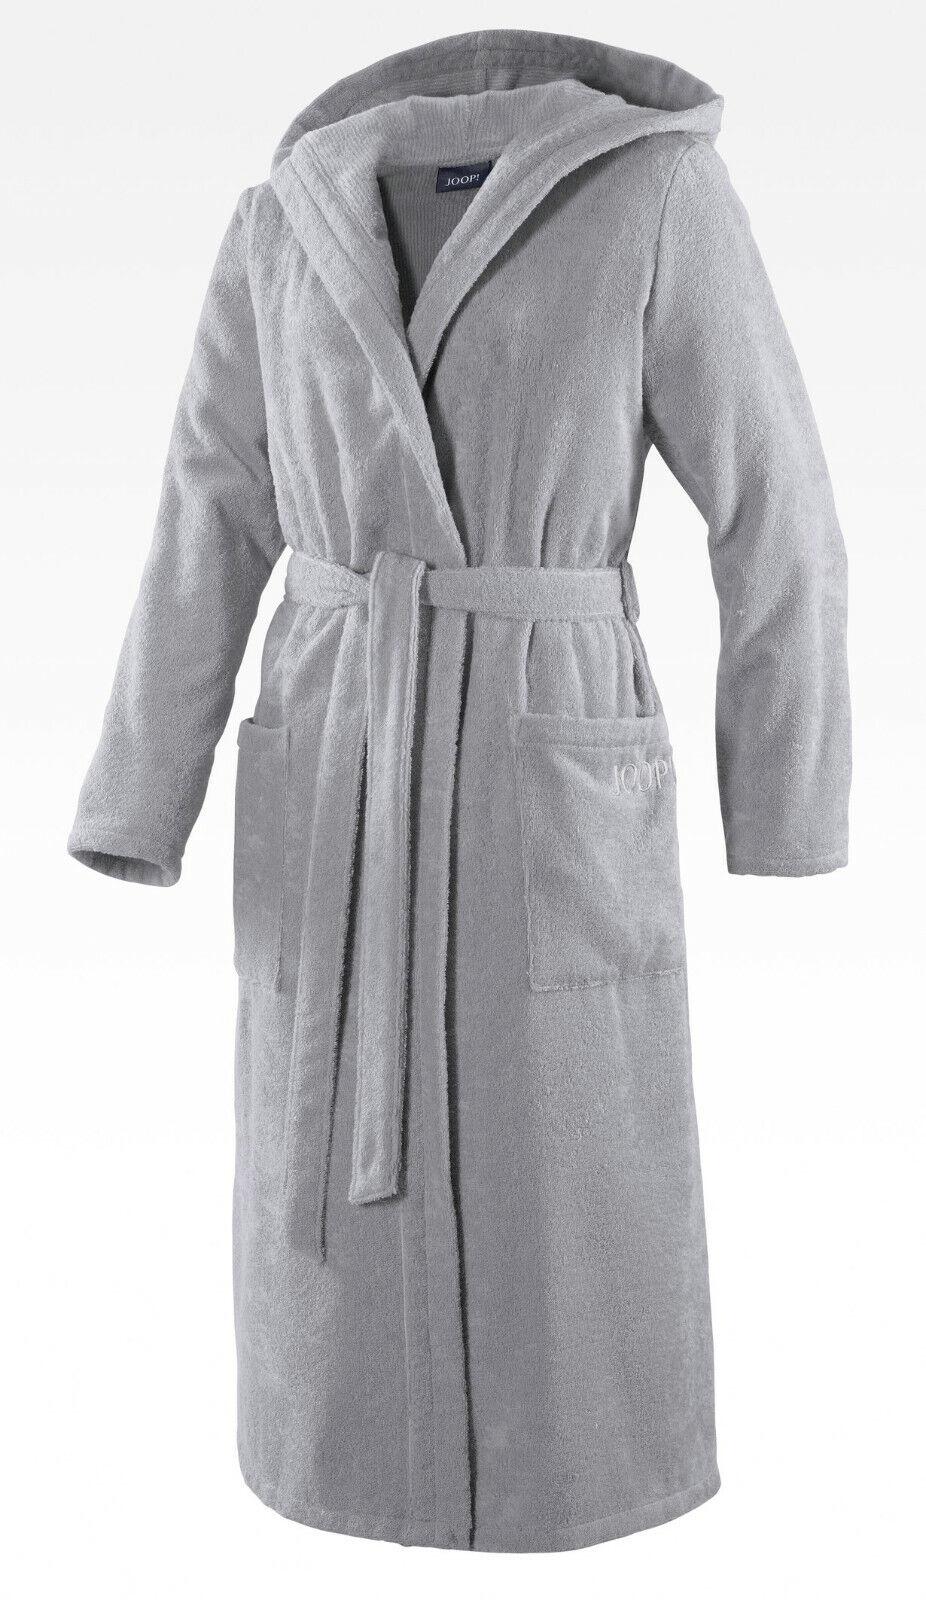 JOOP! 1617 Damen Bademantel mit Kapuze Größe 36/38 S Farbe Silber 76 NEU